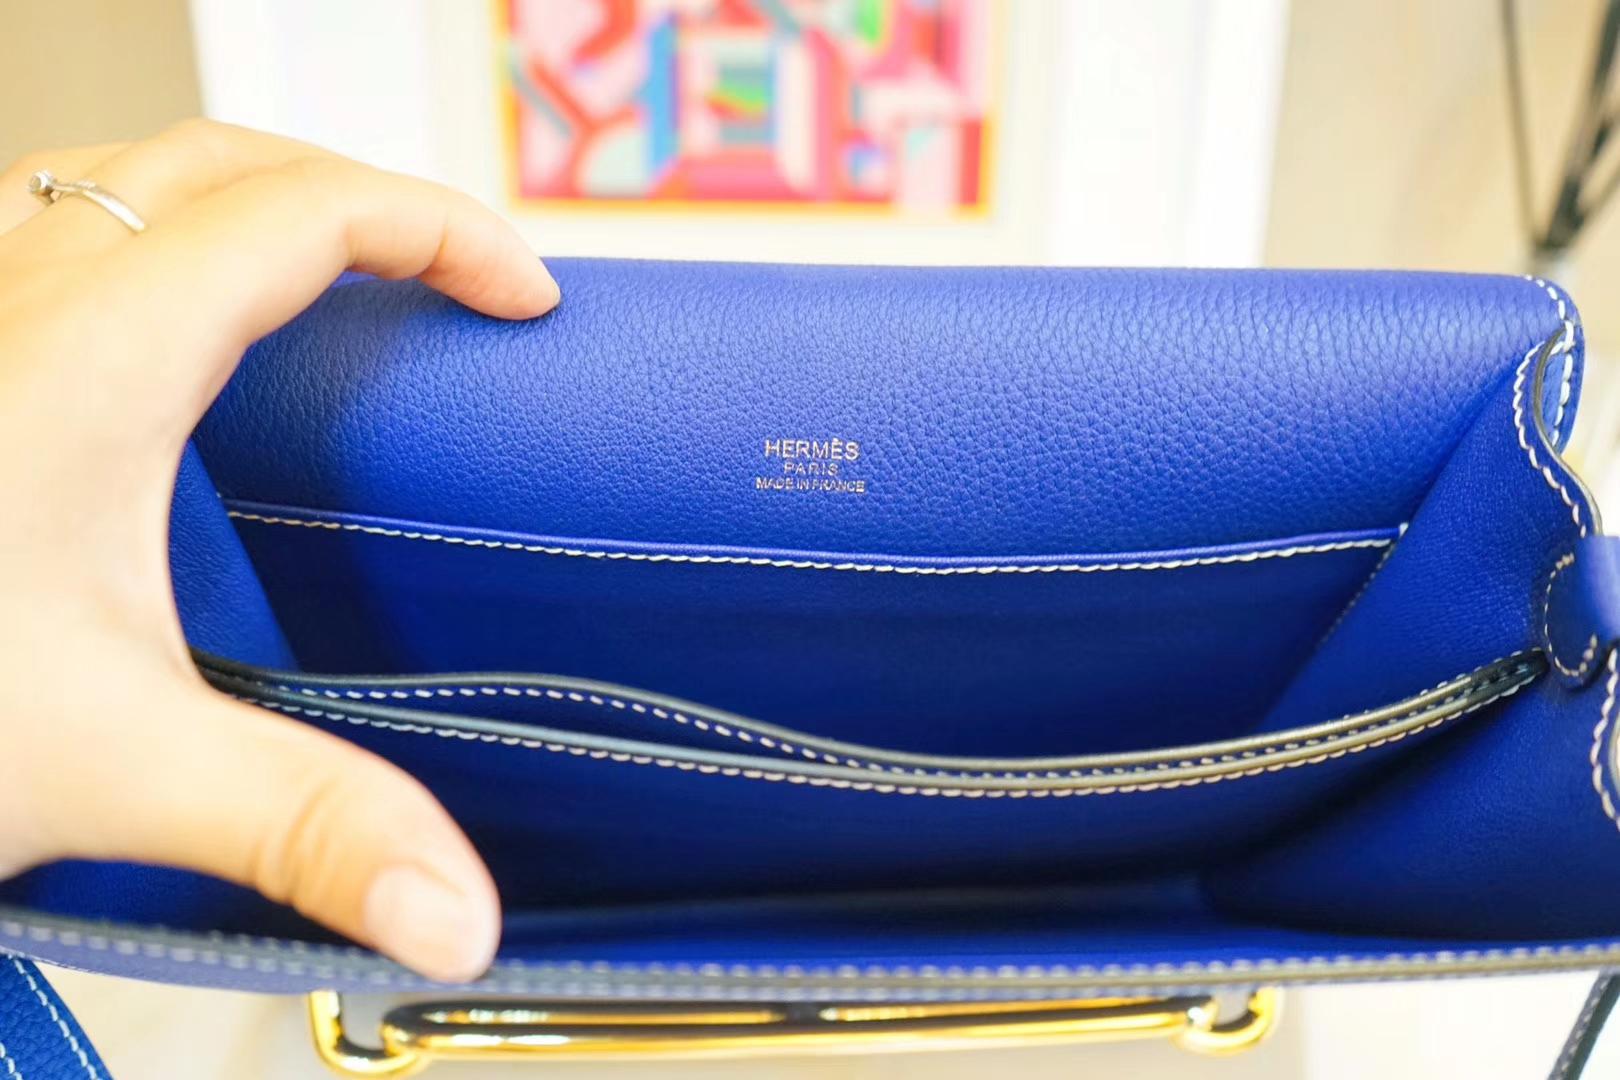 Hermès(爱马仕)roulis 猪鼻包 电光蓝 EV 金扣 23cm